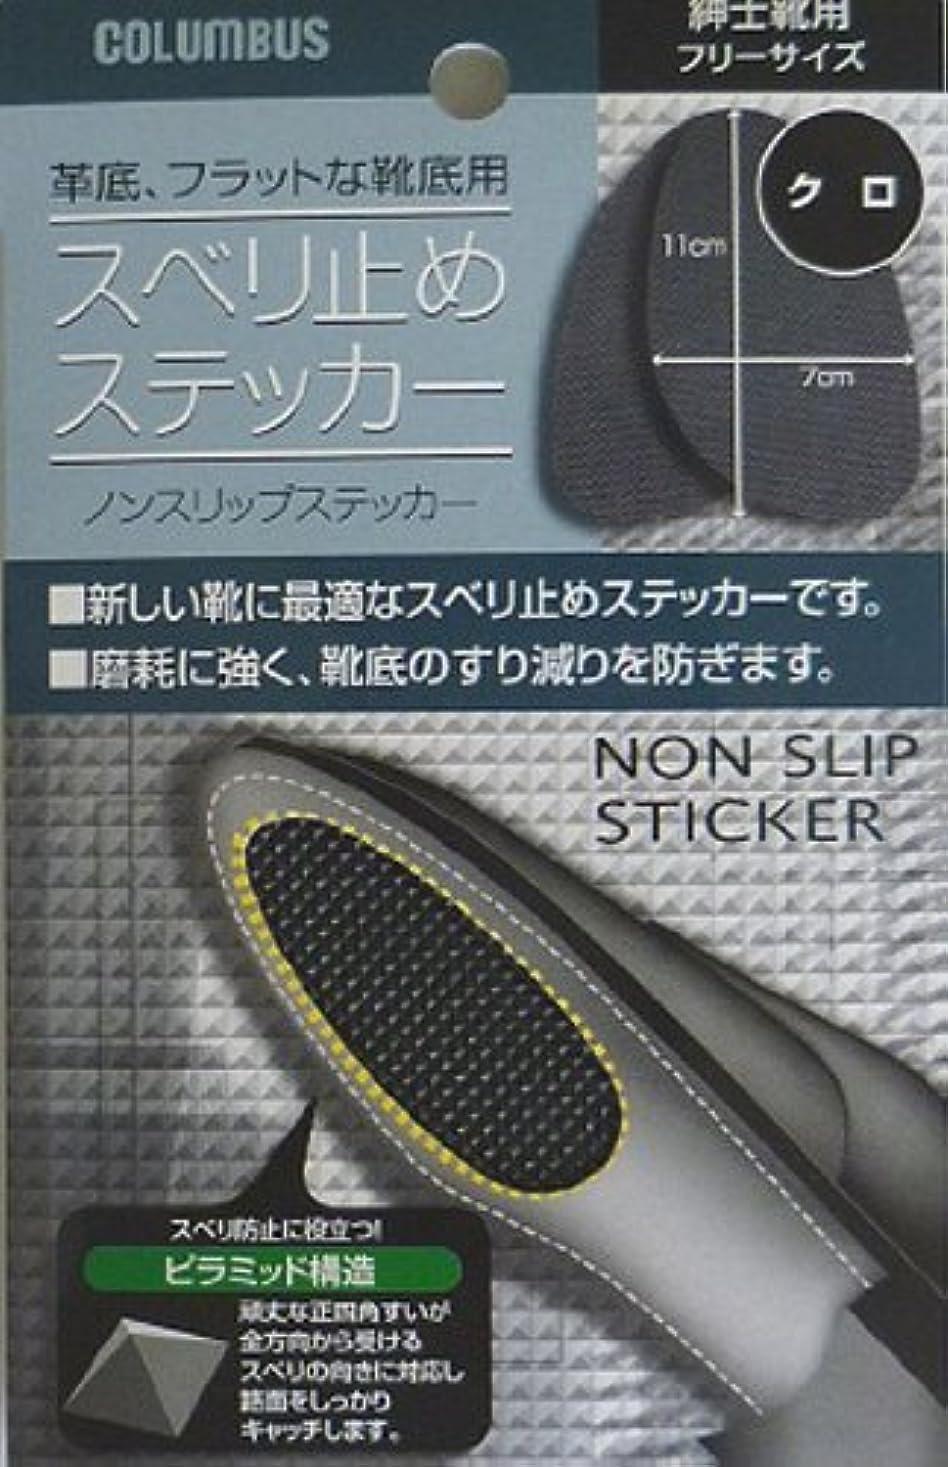 アロング顕現副産物ノンスリップステッカー 紳士靴用 フリーサイズ ブラック